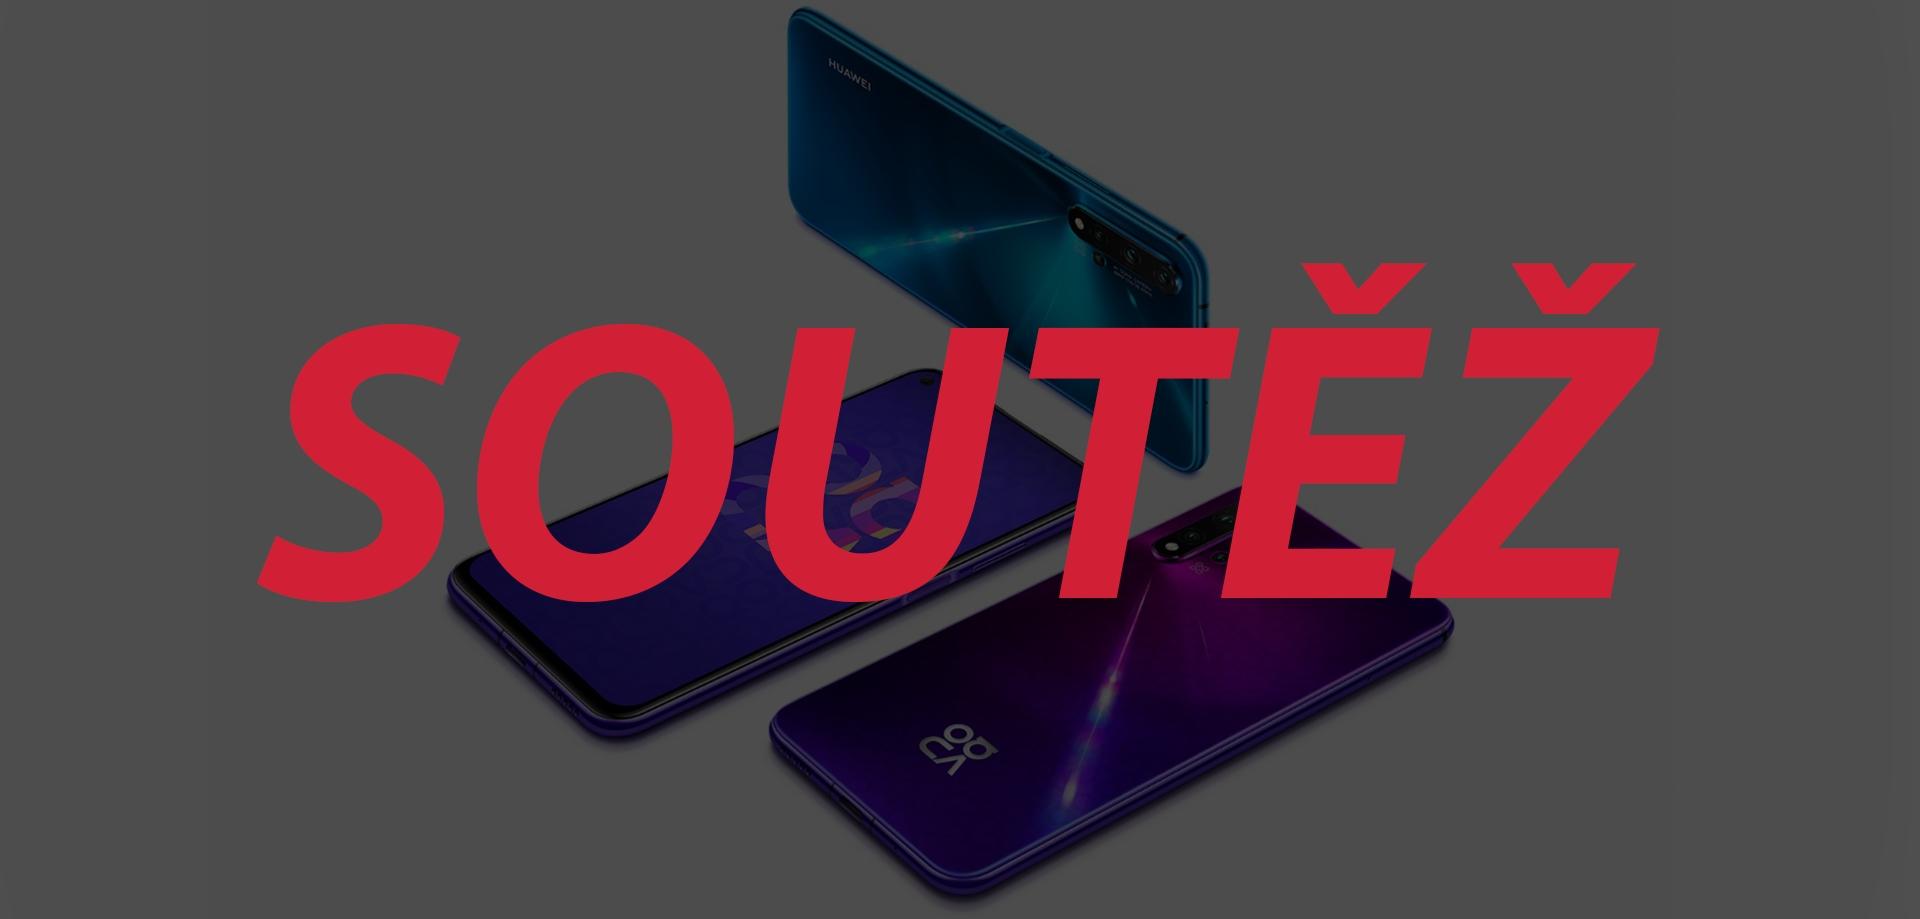 Soutěž o Huawei nova 5T vyhrává… [aktualizováno]